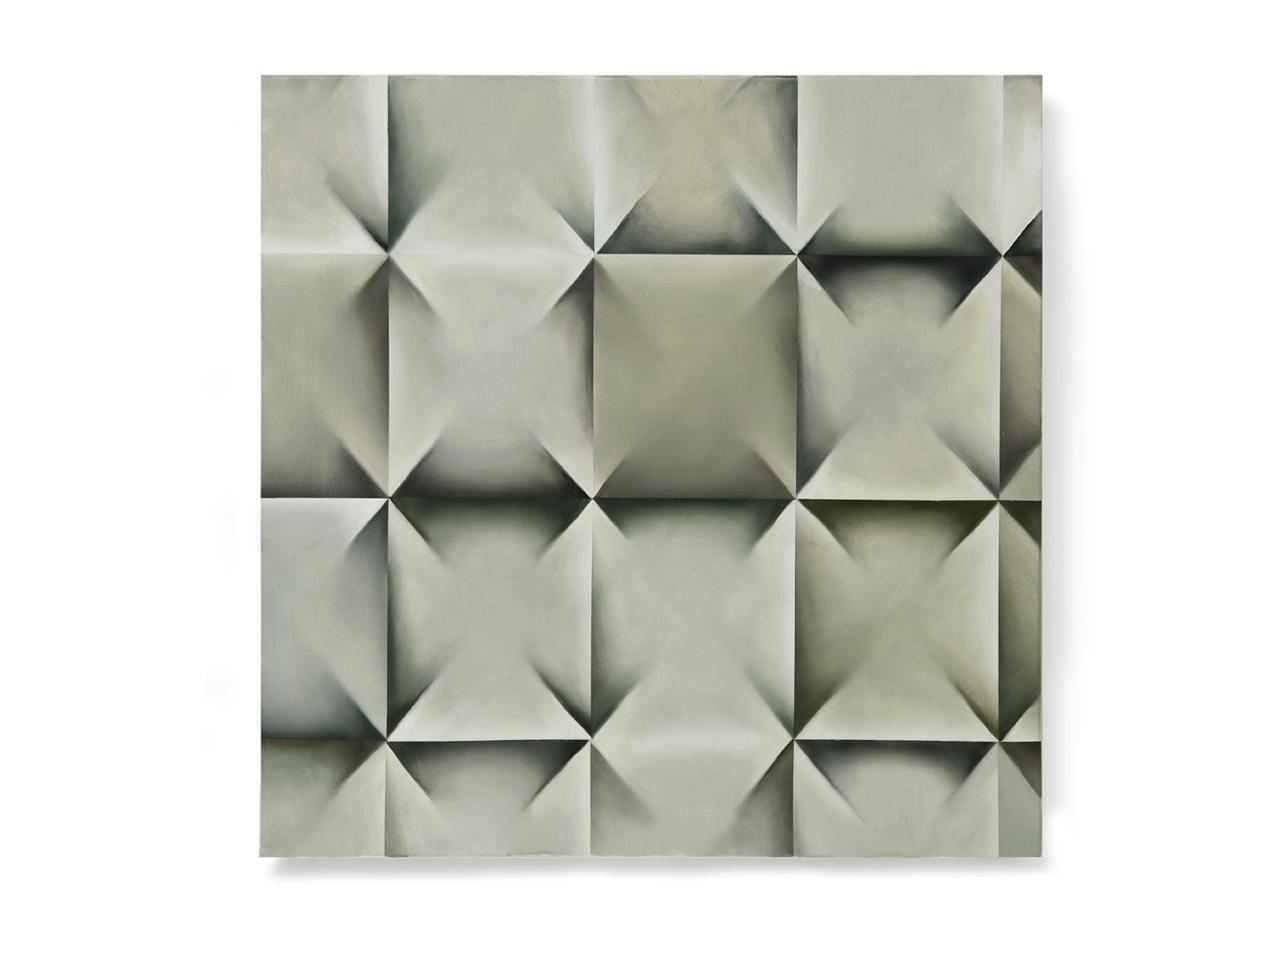 Metal03-2021-50x50cm